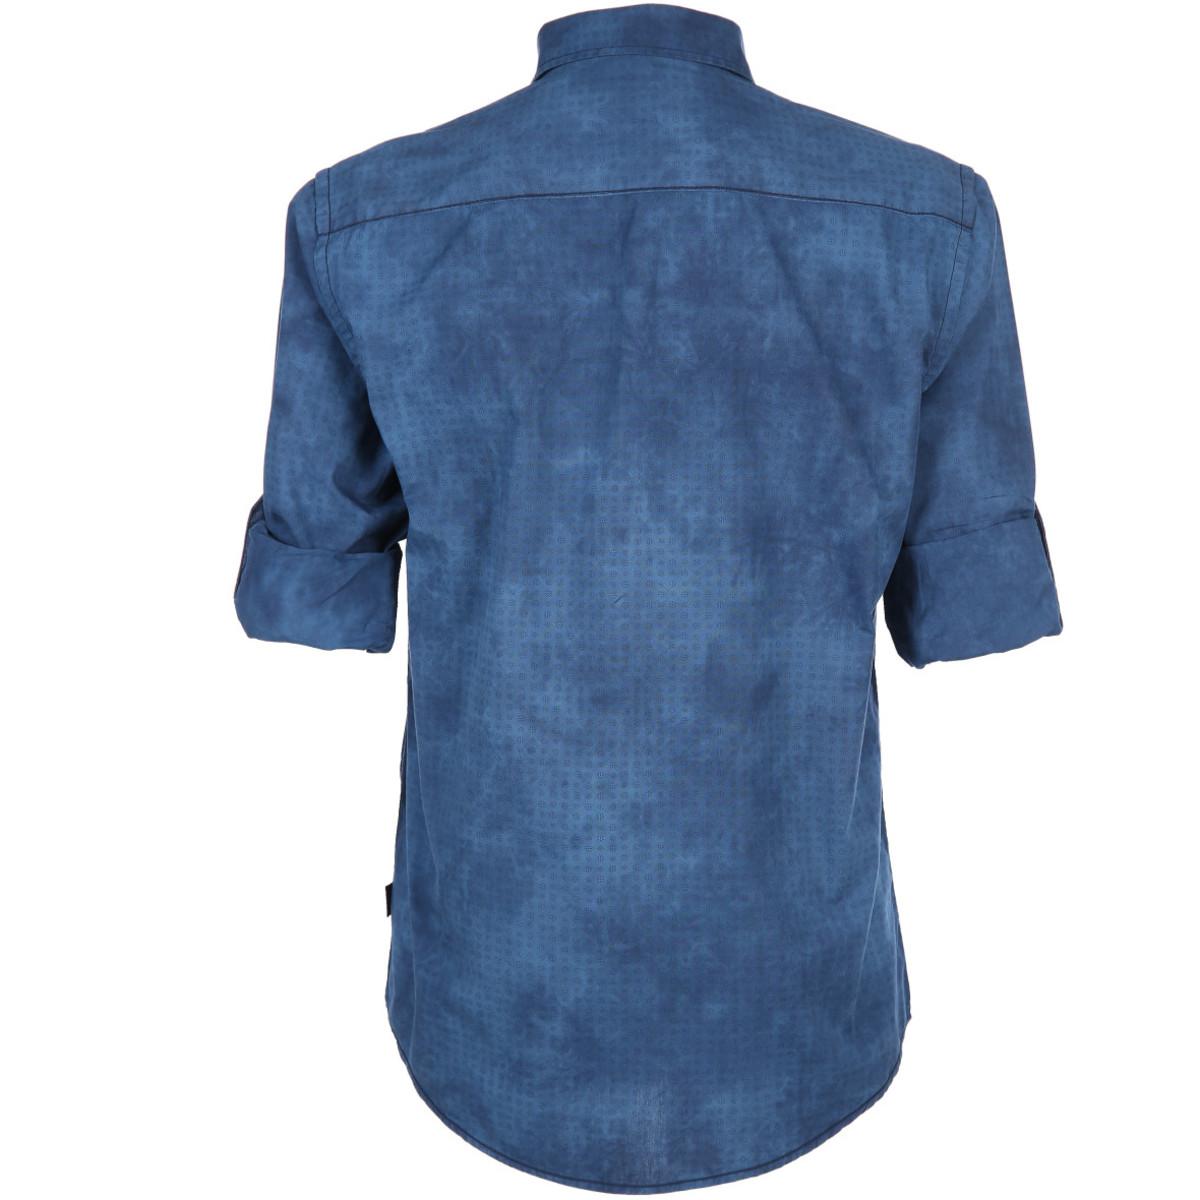 Bild 2 von Herren Freizeithemd mit Brusttasche